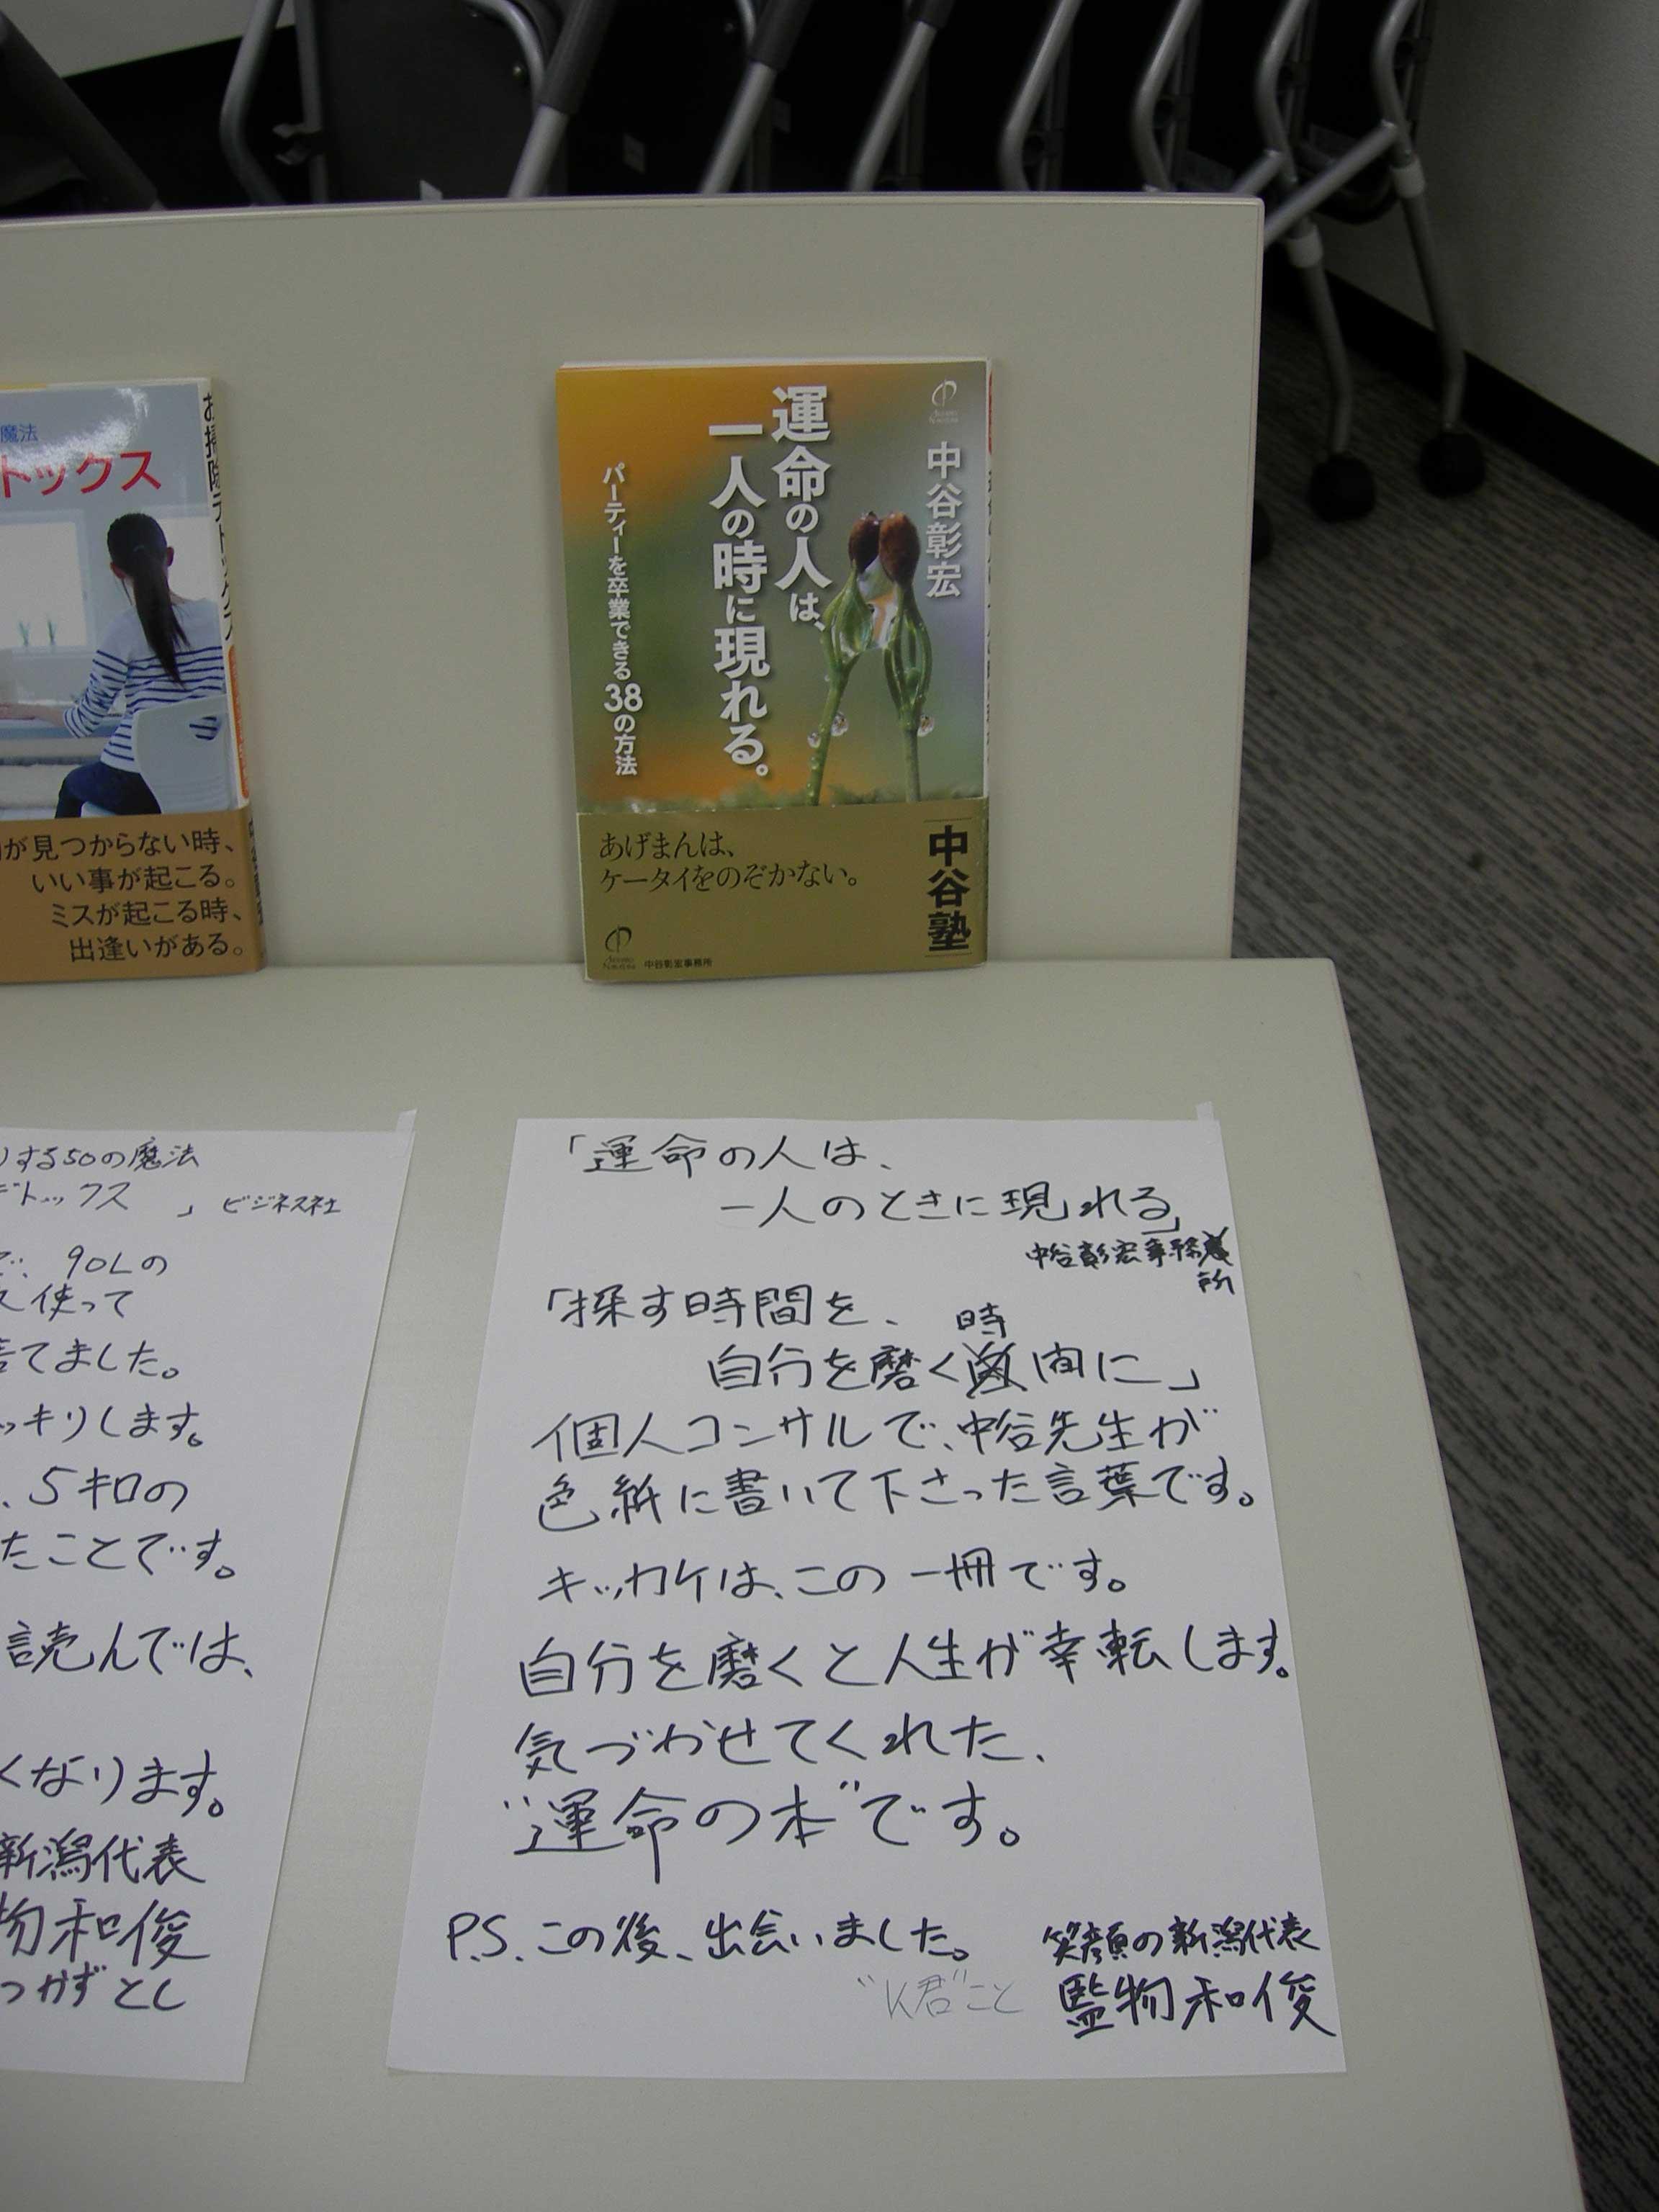 20100516_紹介文_監物和俊さん_3.jpg